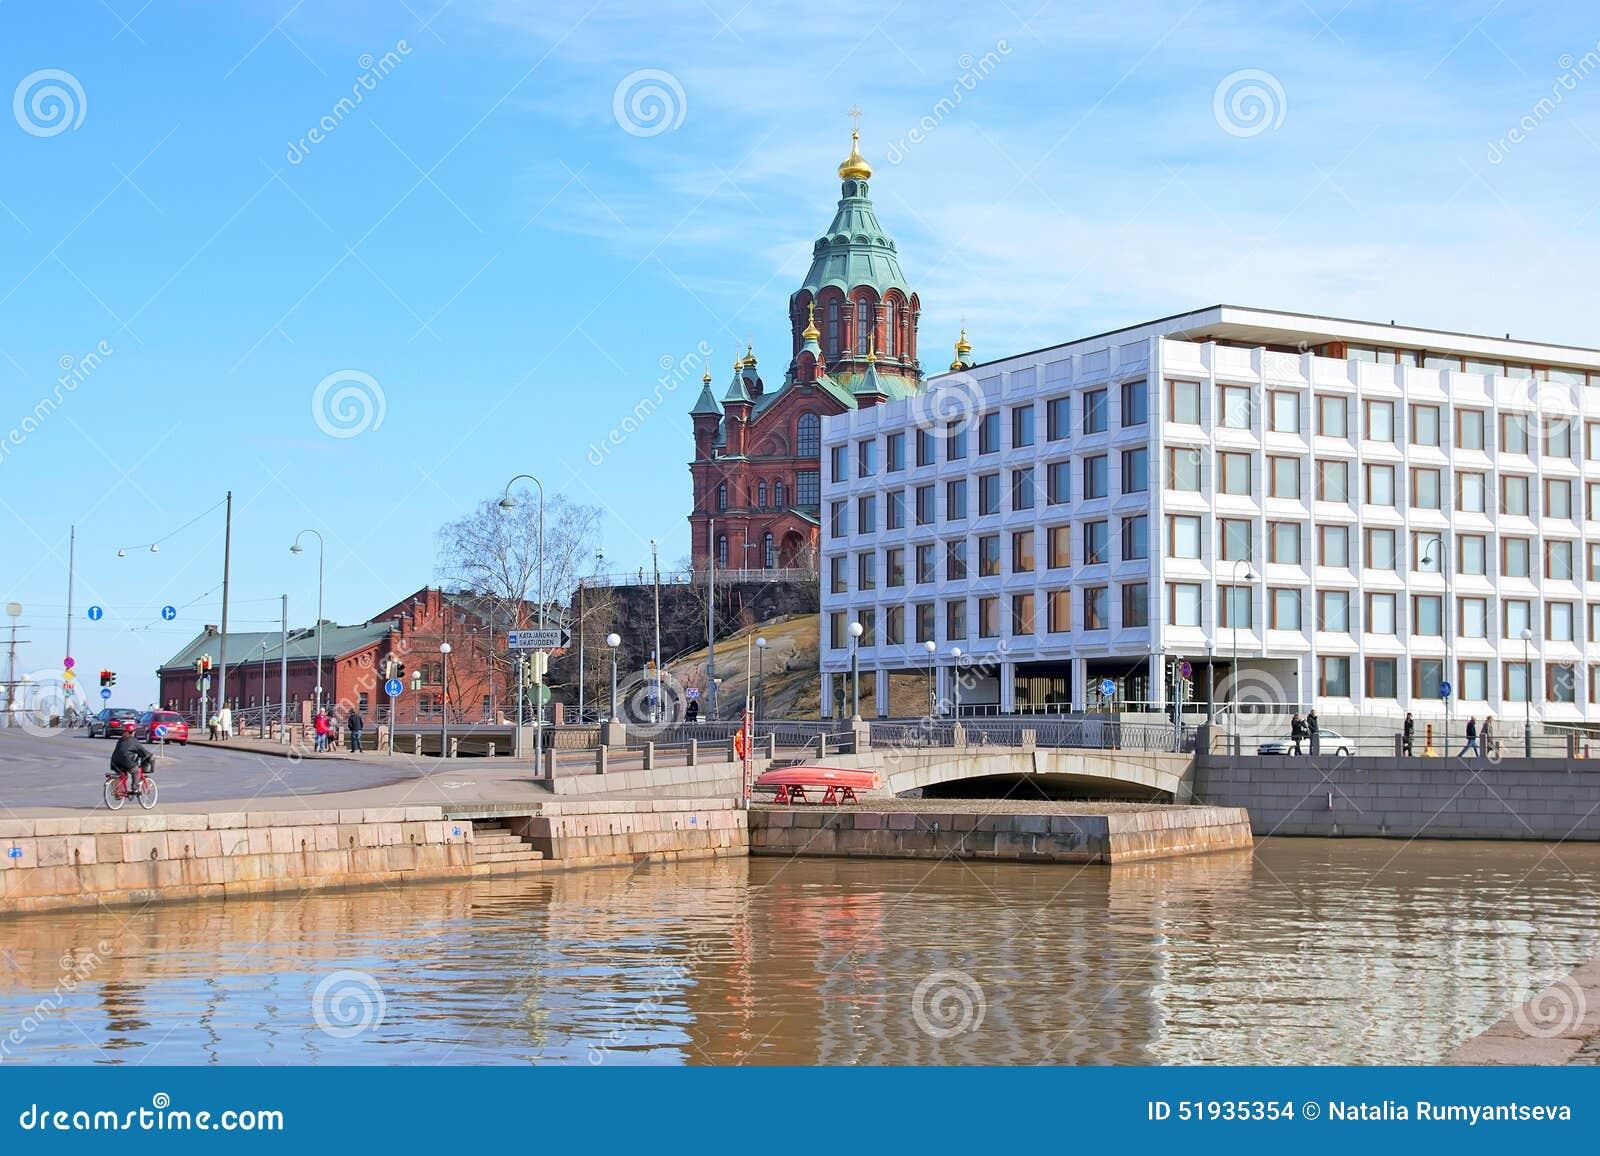 Stora Enso Helsinki